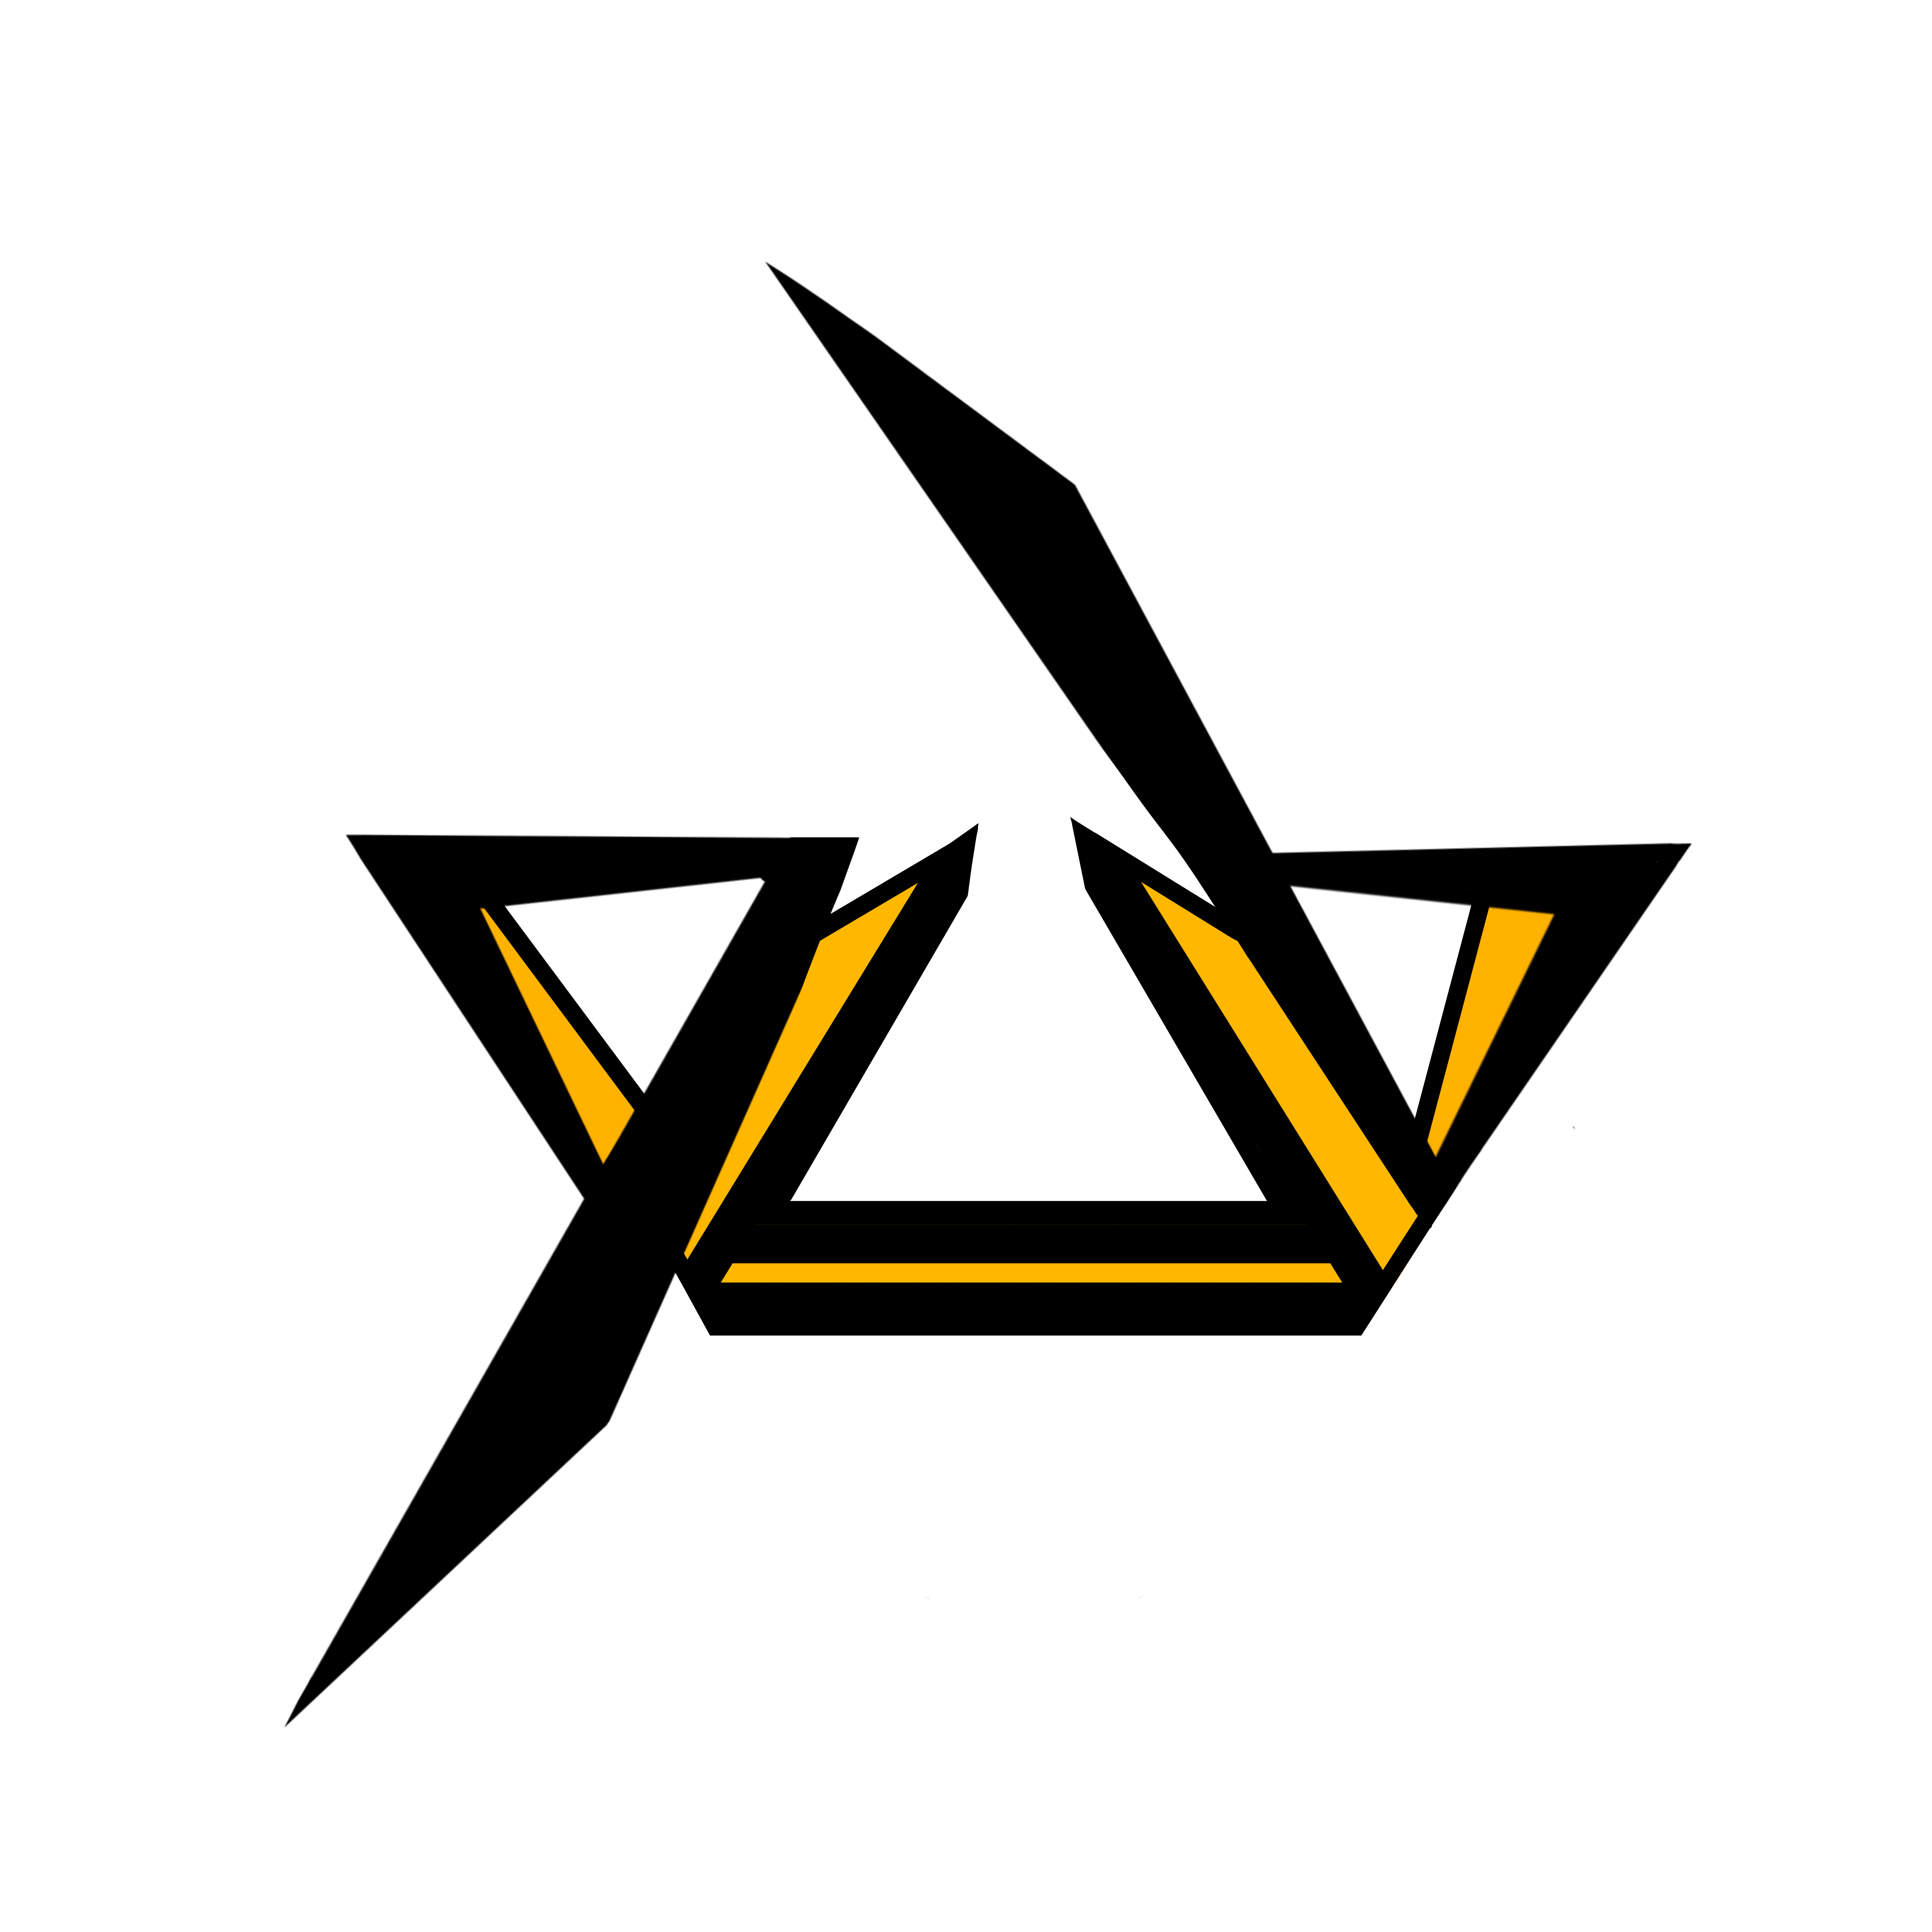 Разработка логотипа и фирменного стиля для ТМ фото f_7475f1d8f94c657c.png